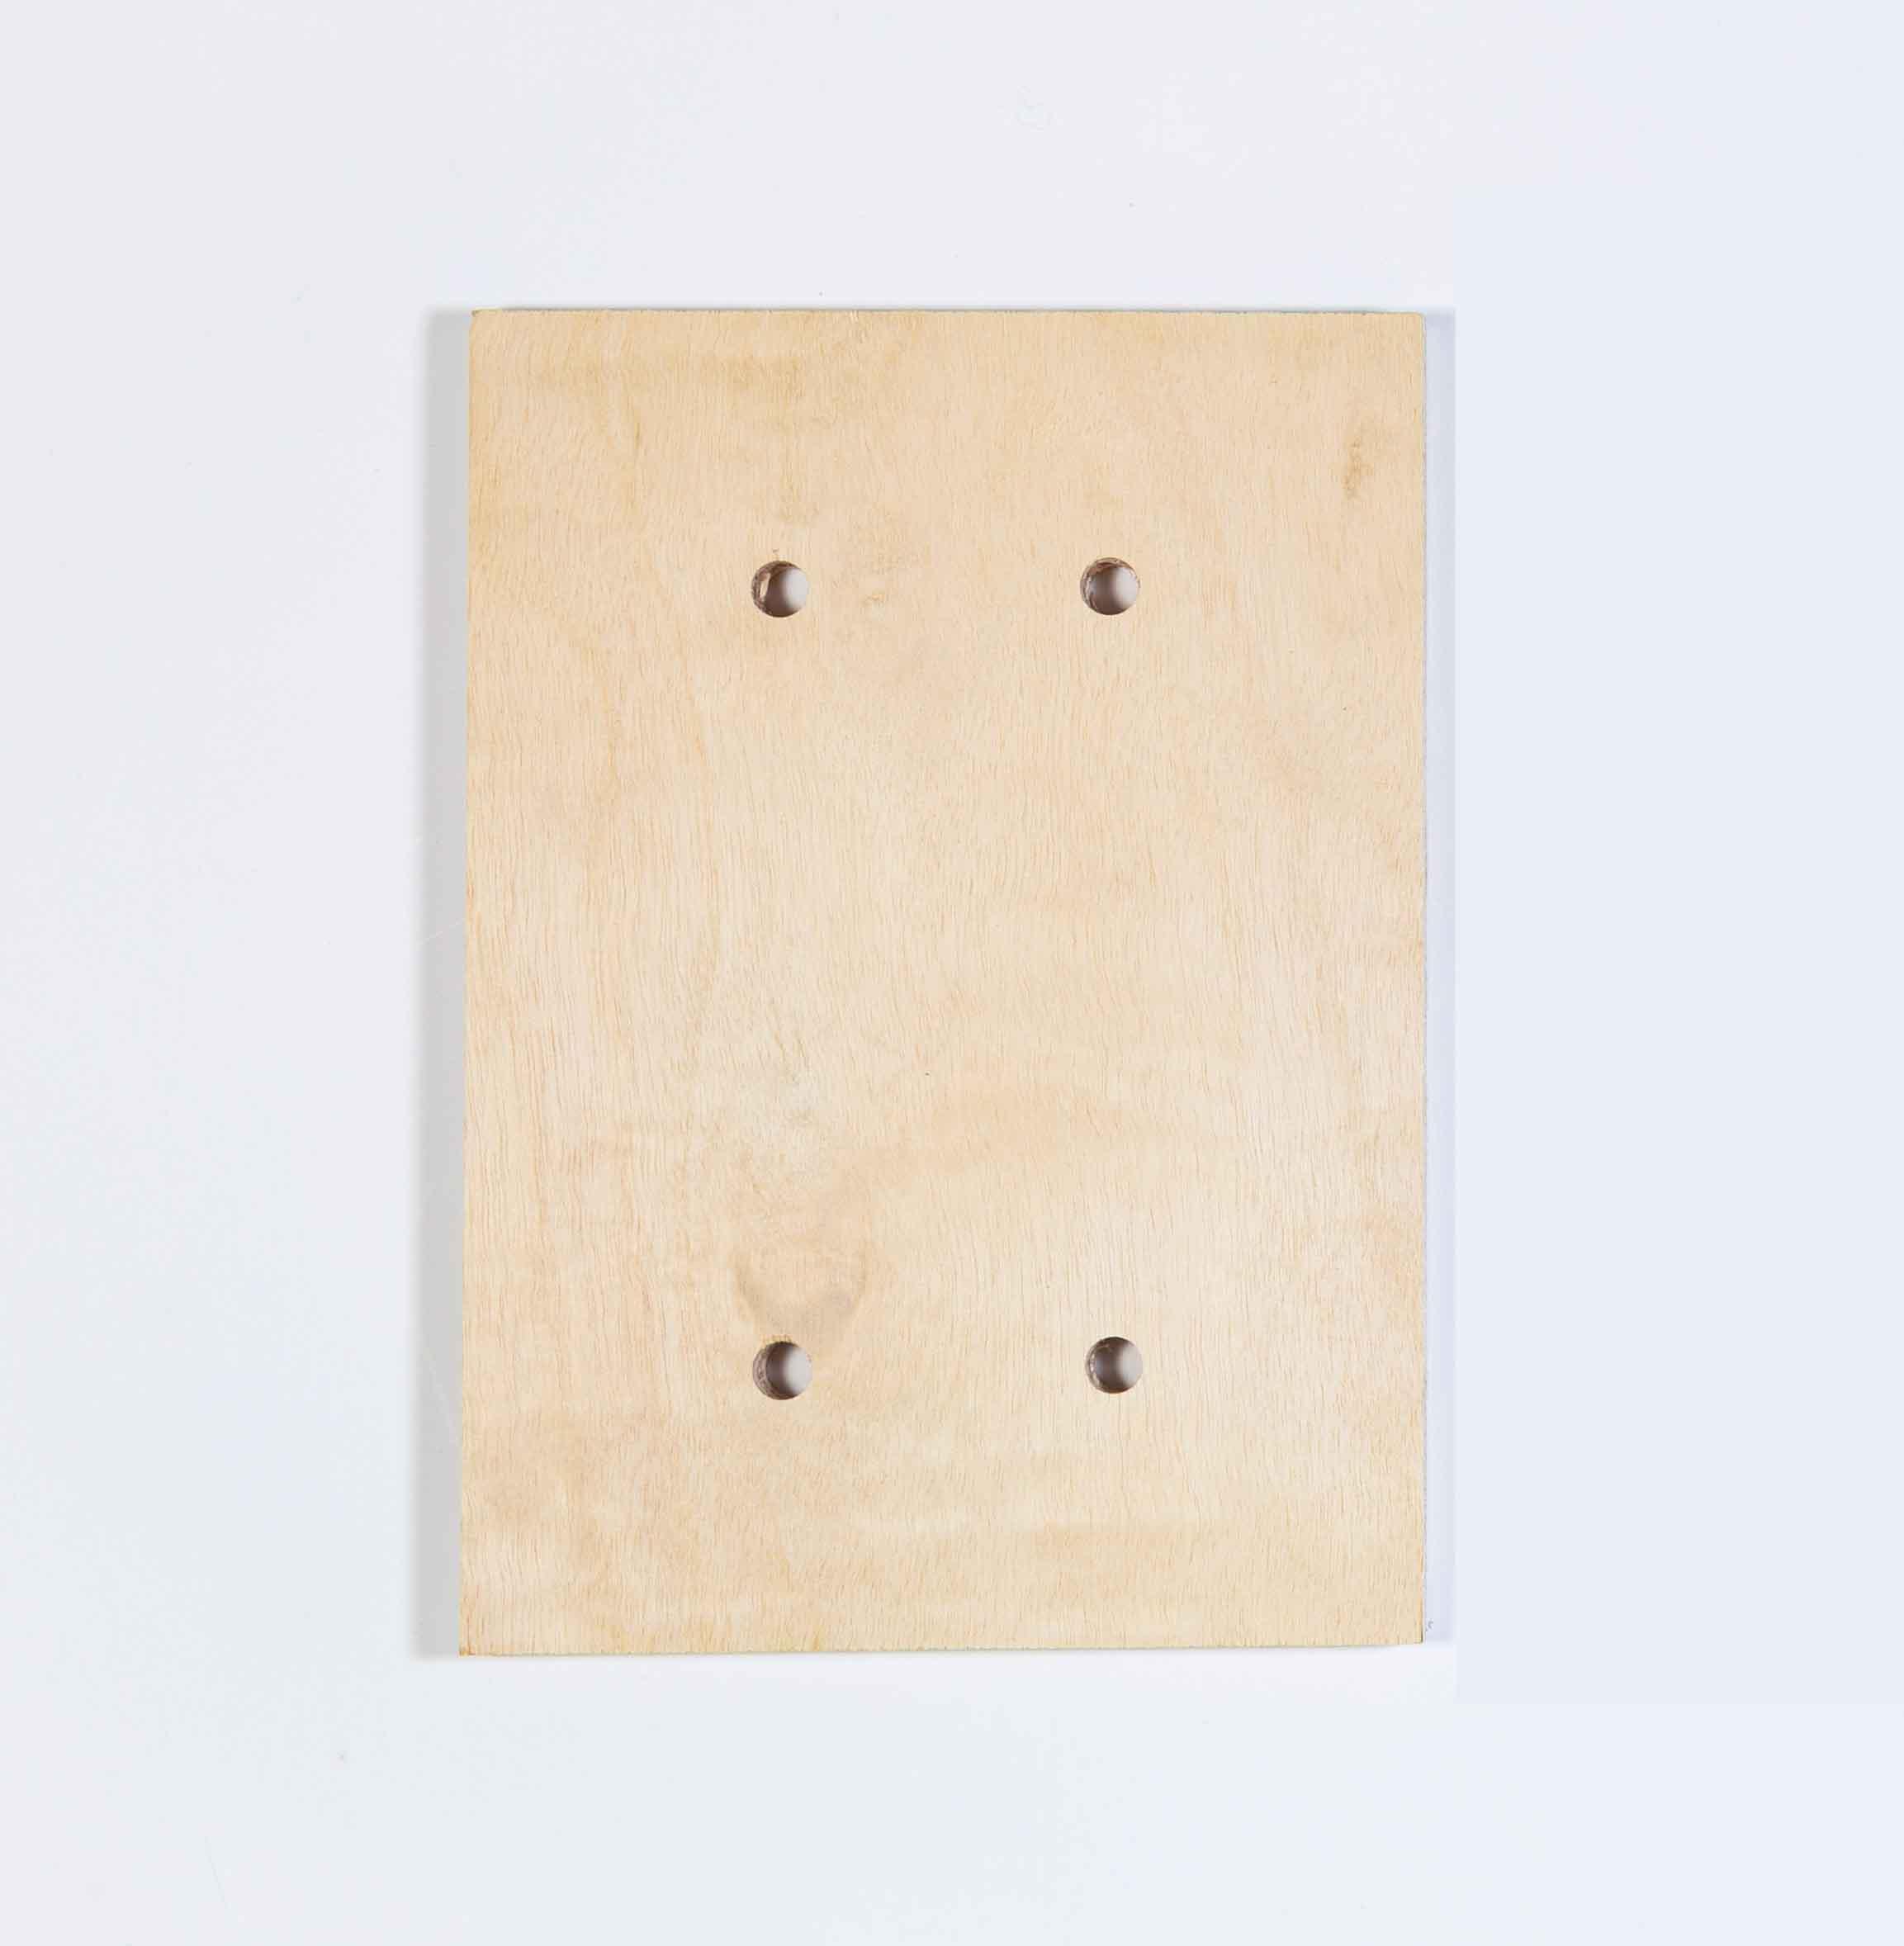 Lagun Holzplatte - Rückwandverstärkung